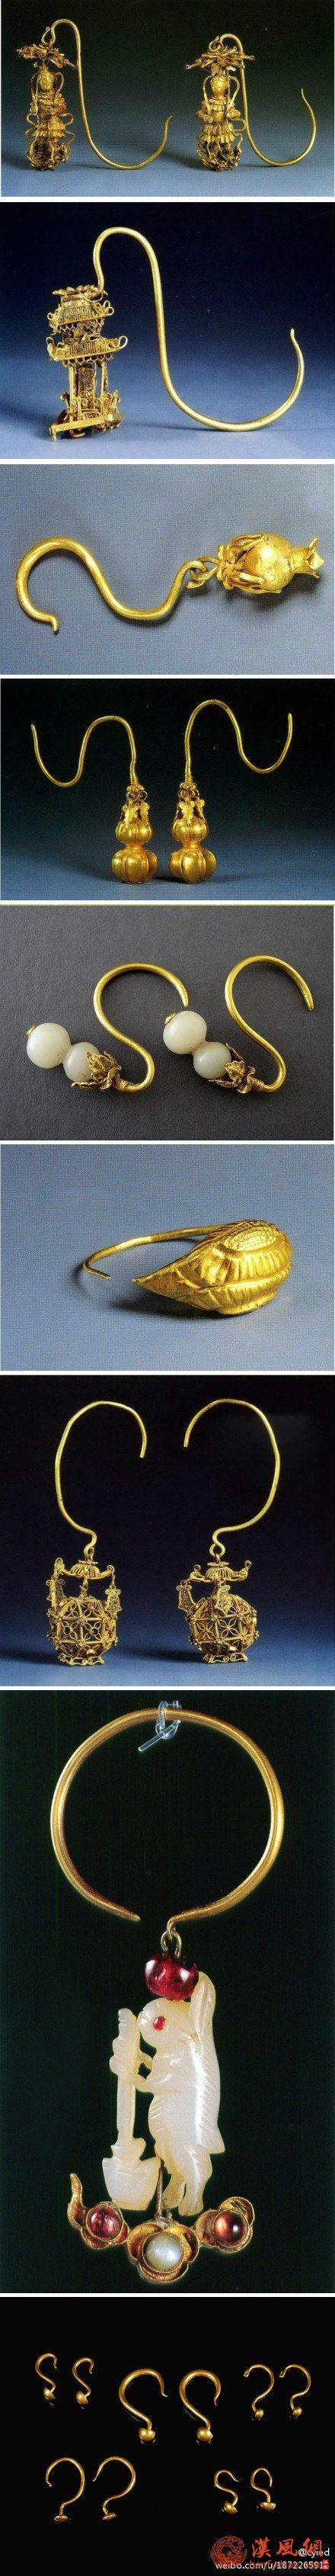 明代饰品:耳环